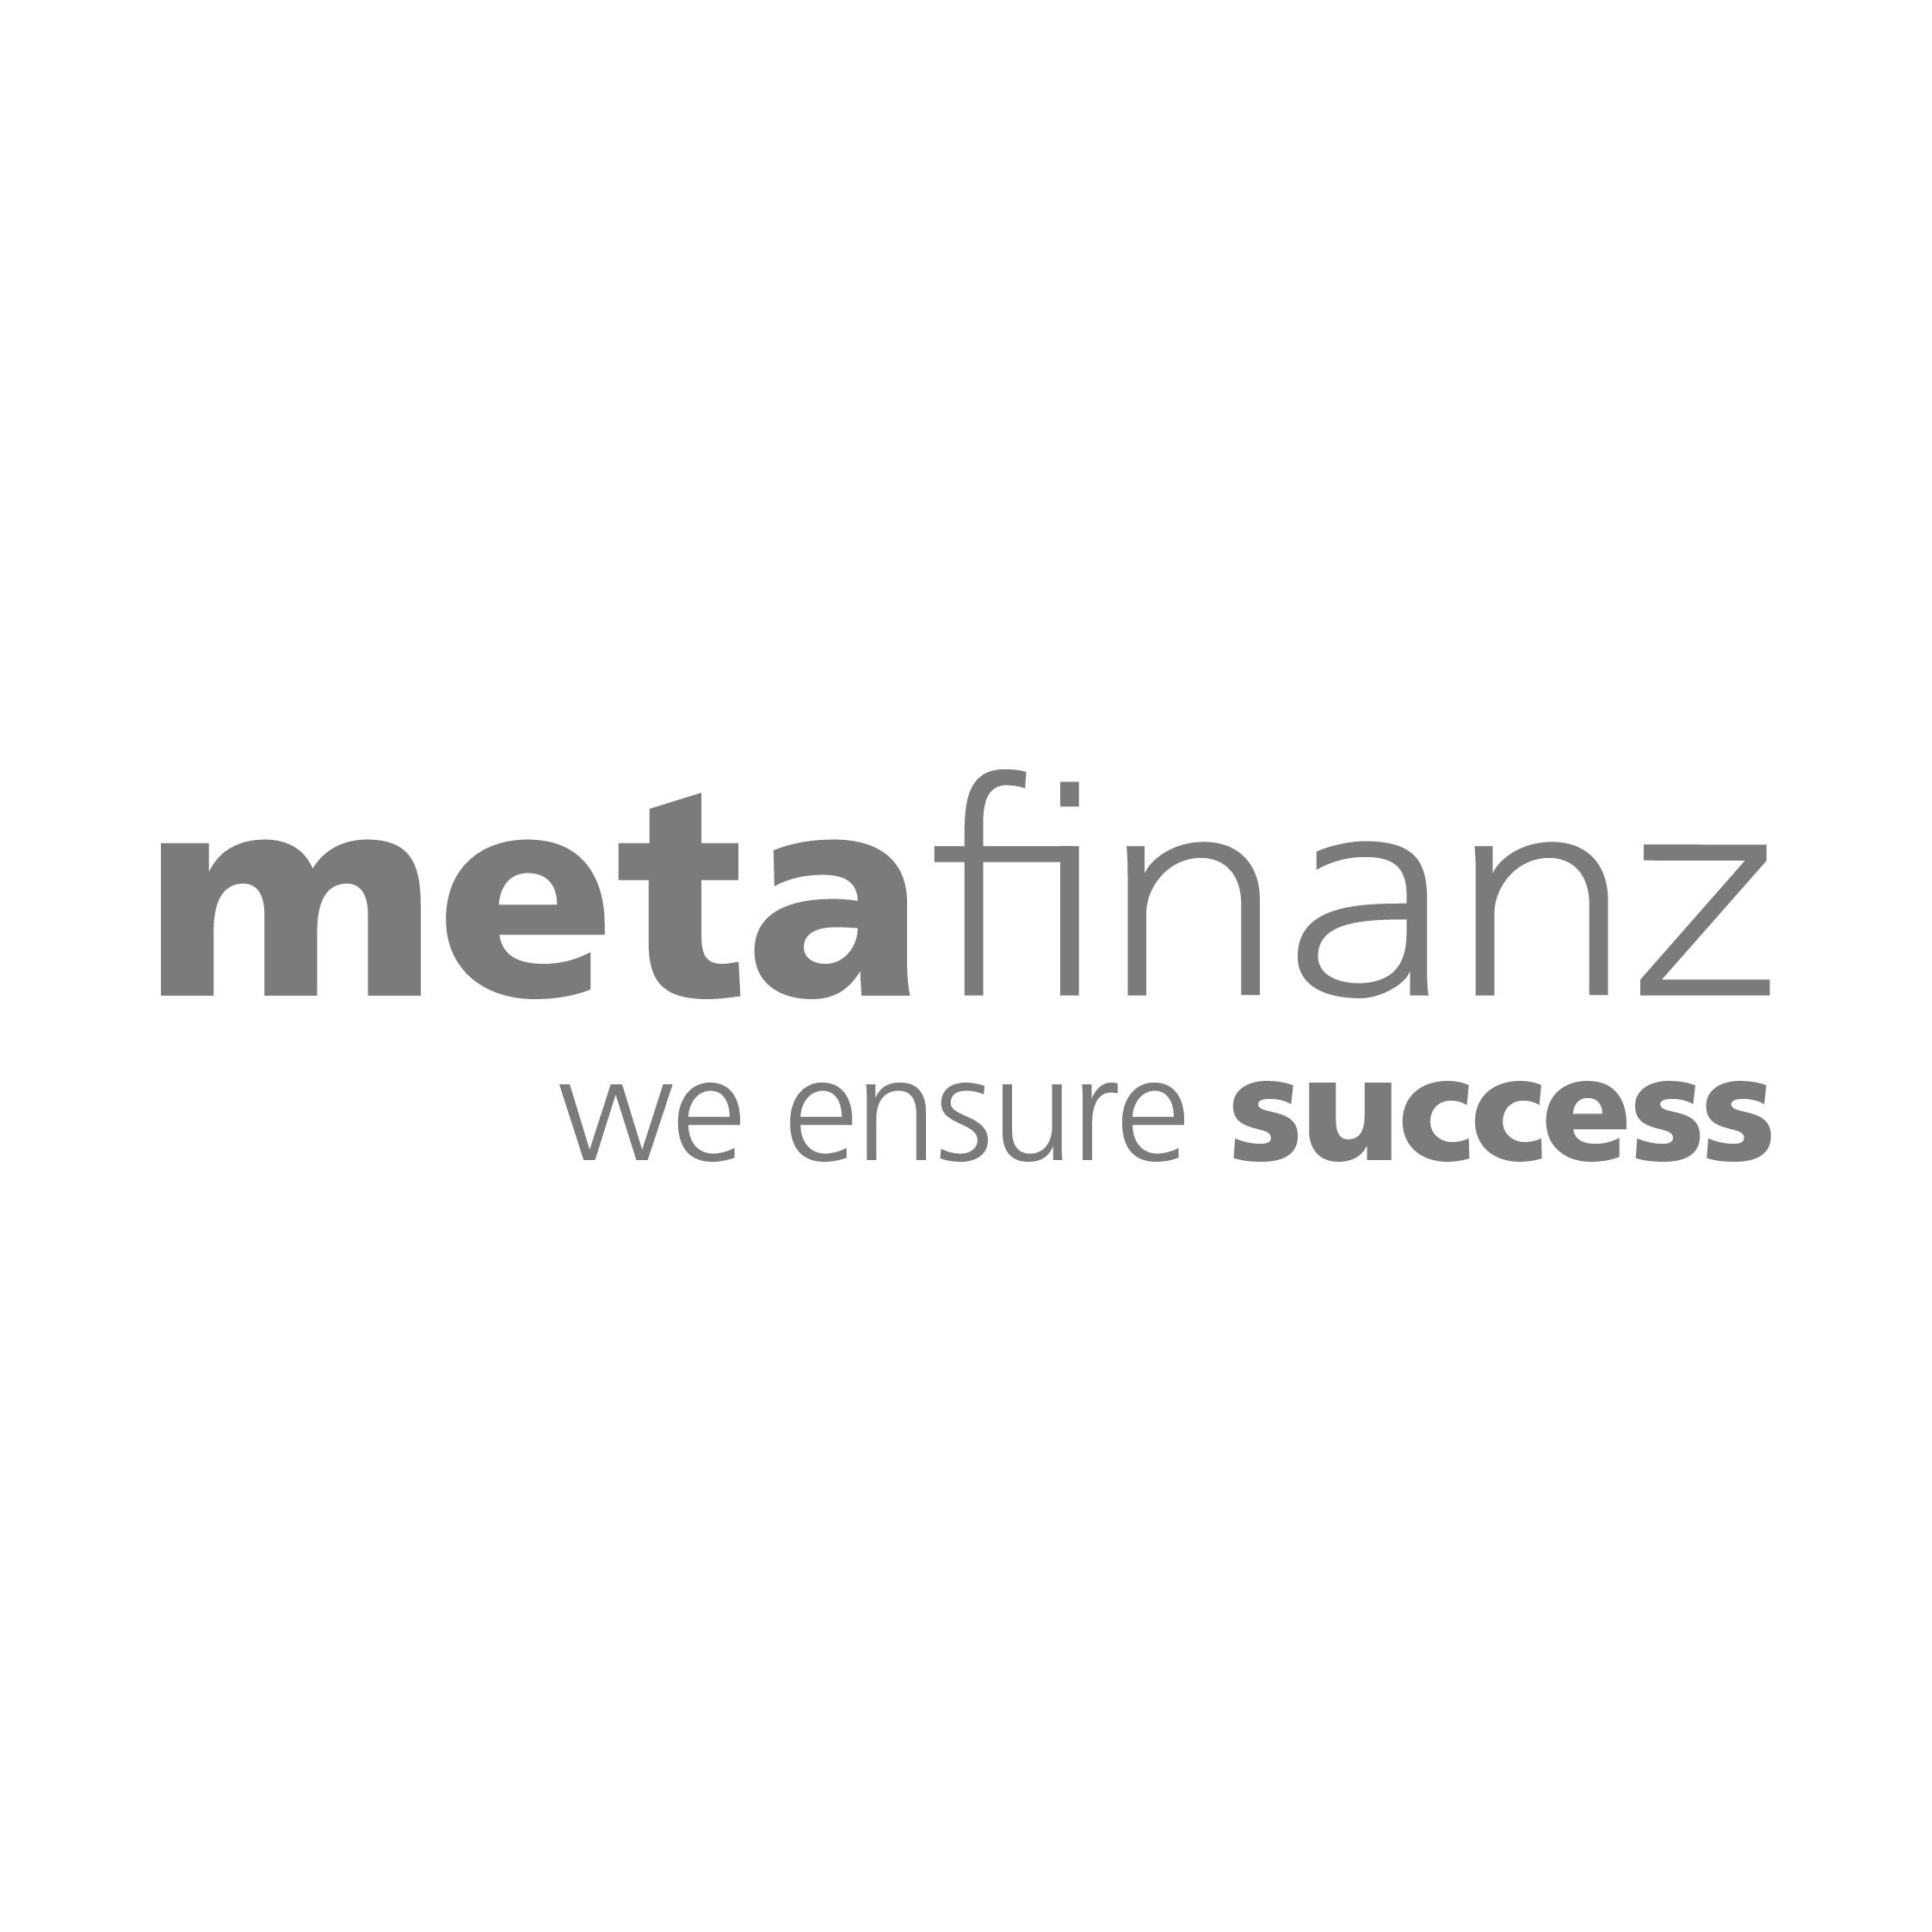 metafinanz_logo.jpg